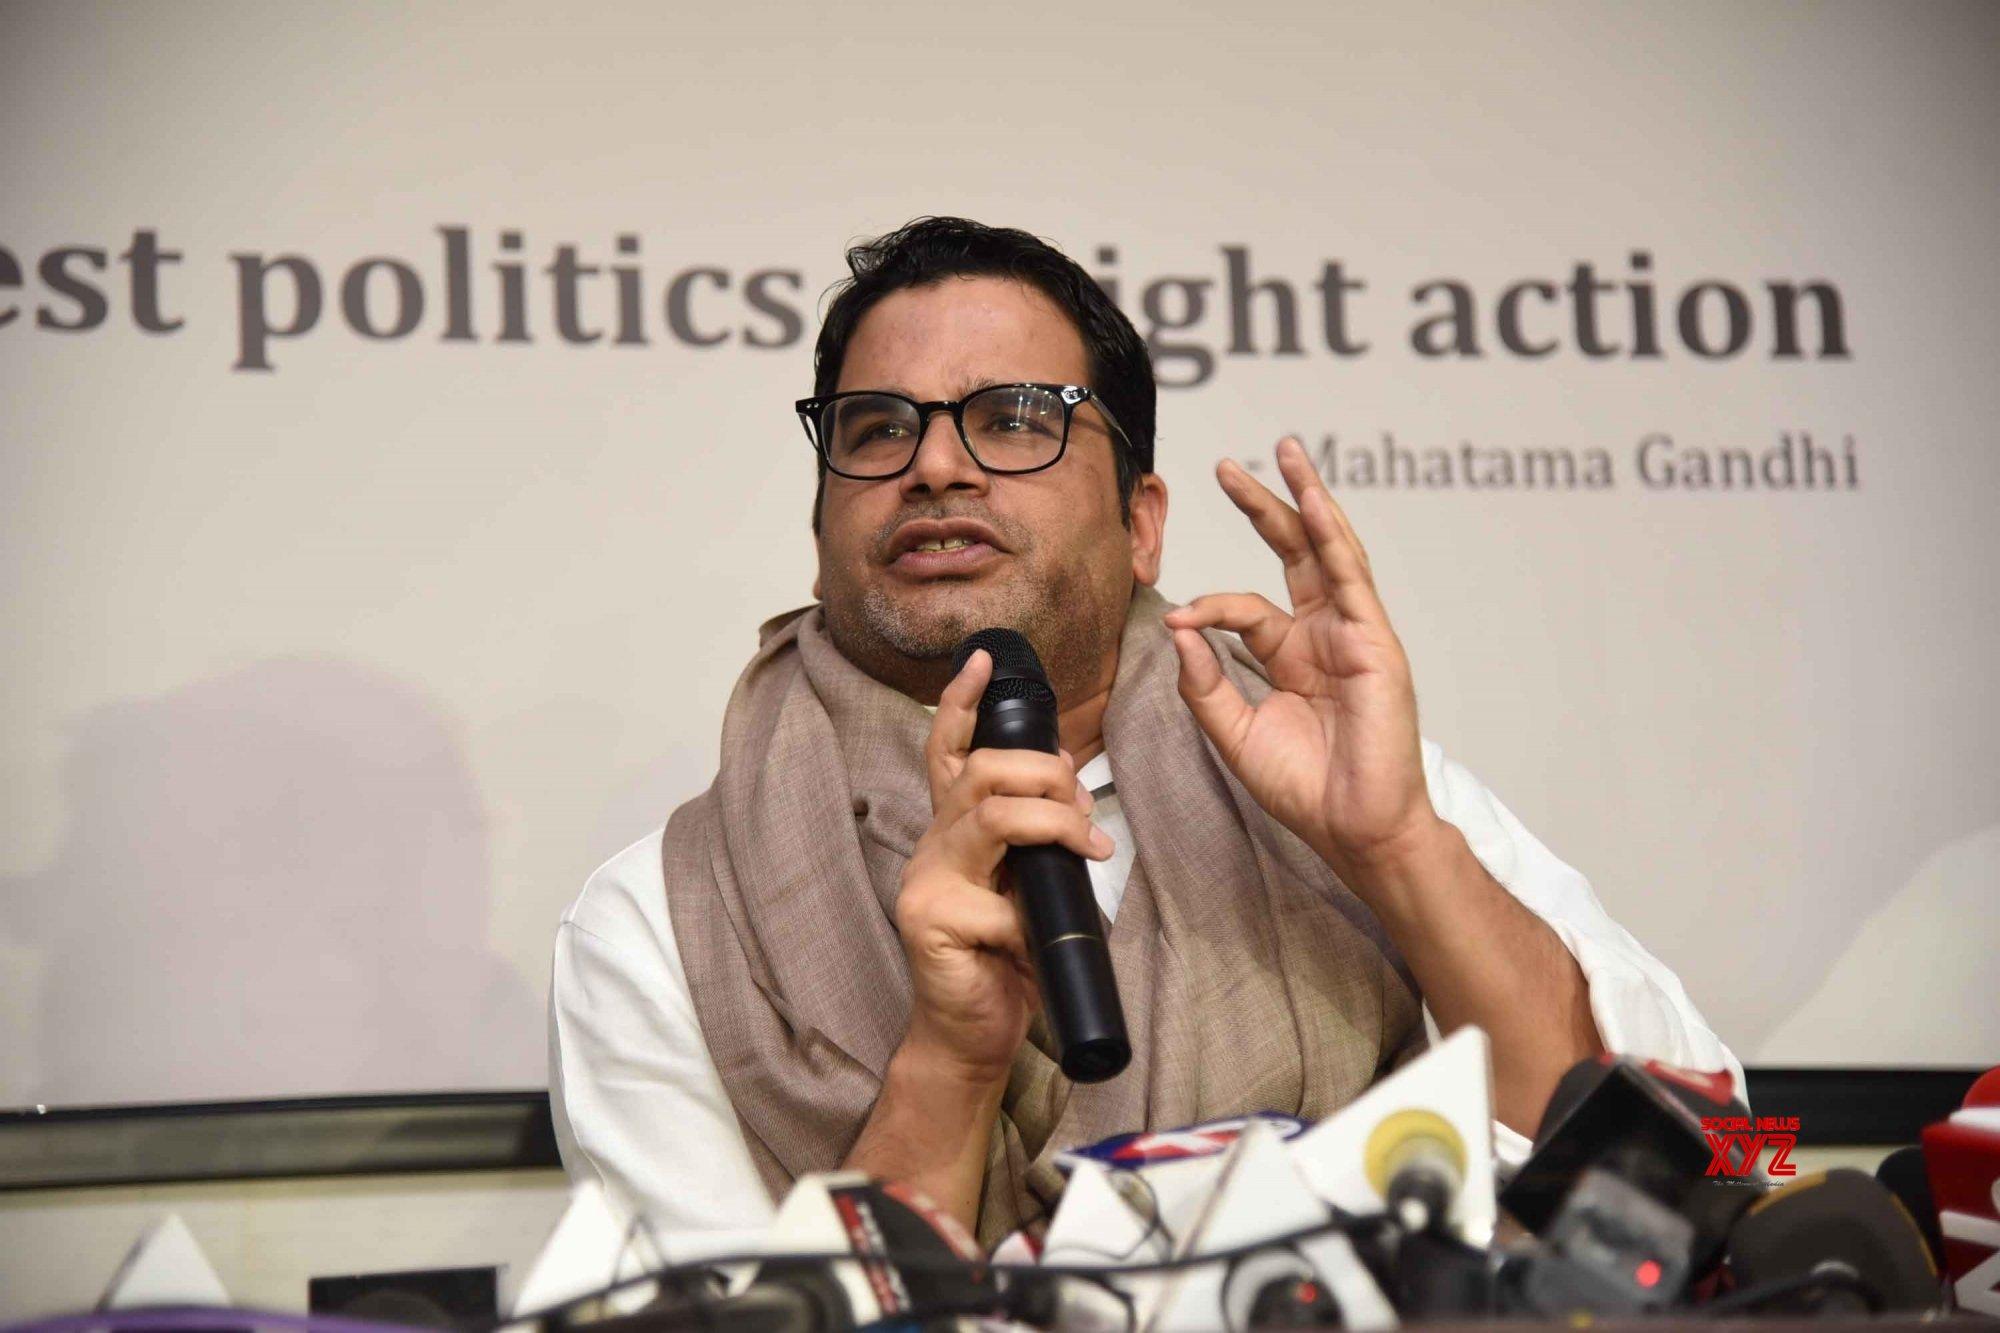 Ripples in Maha as poll strategist PK meets Sharad Pawar